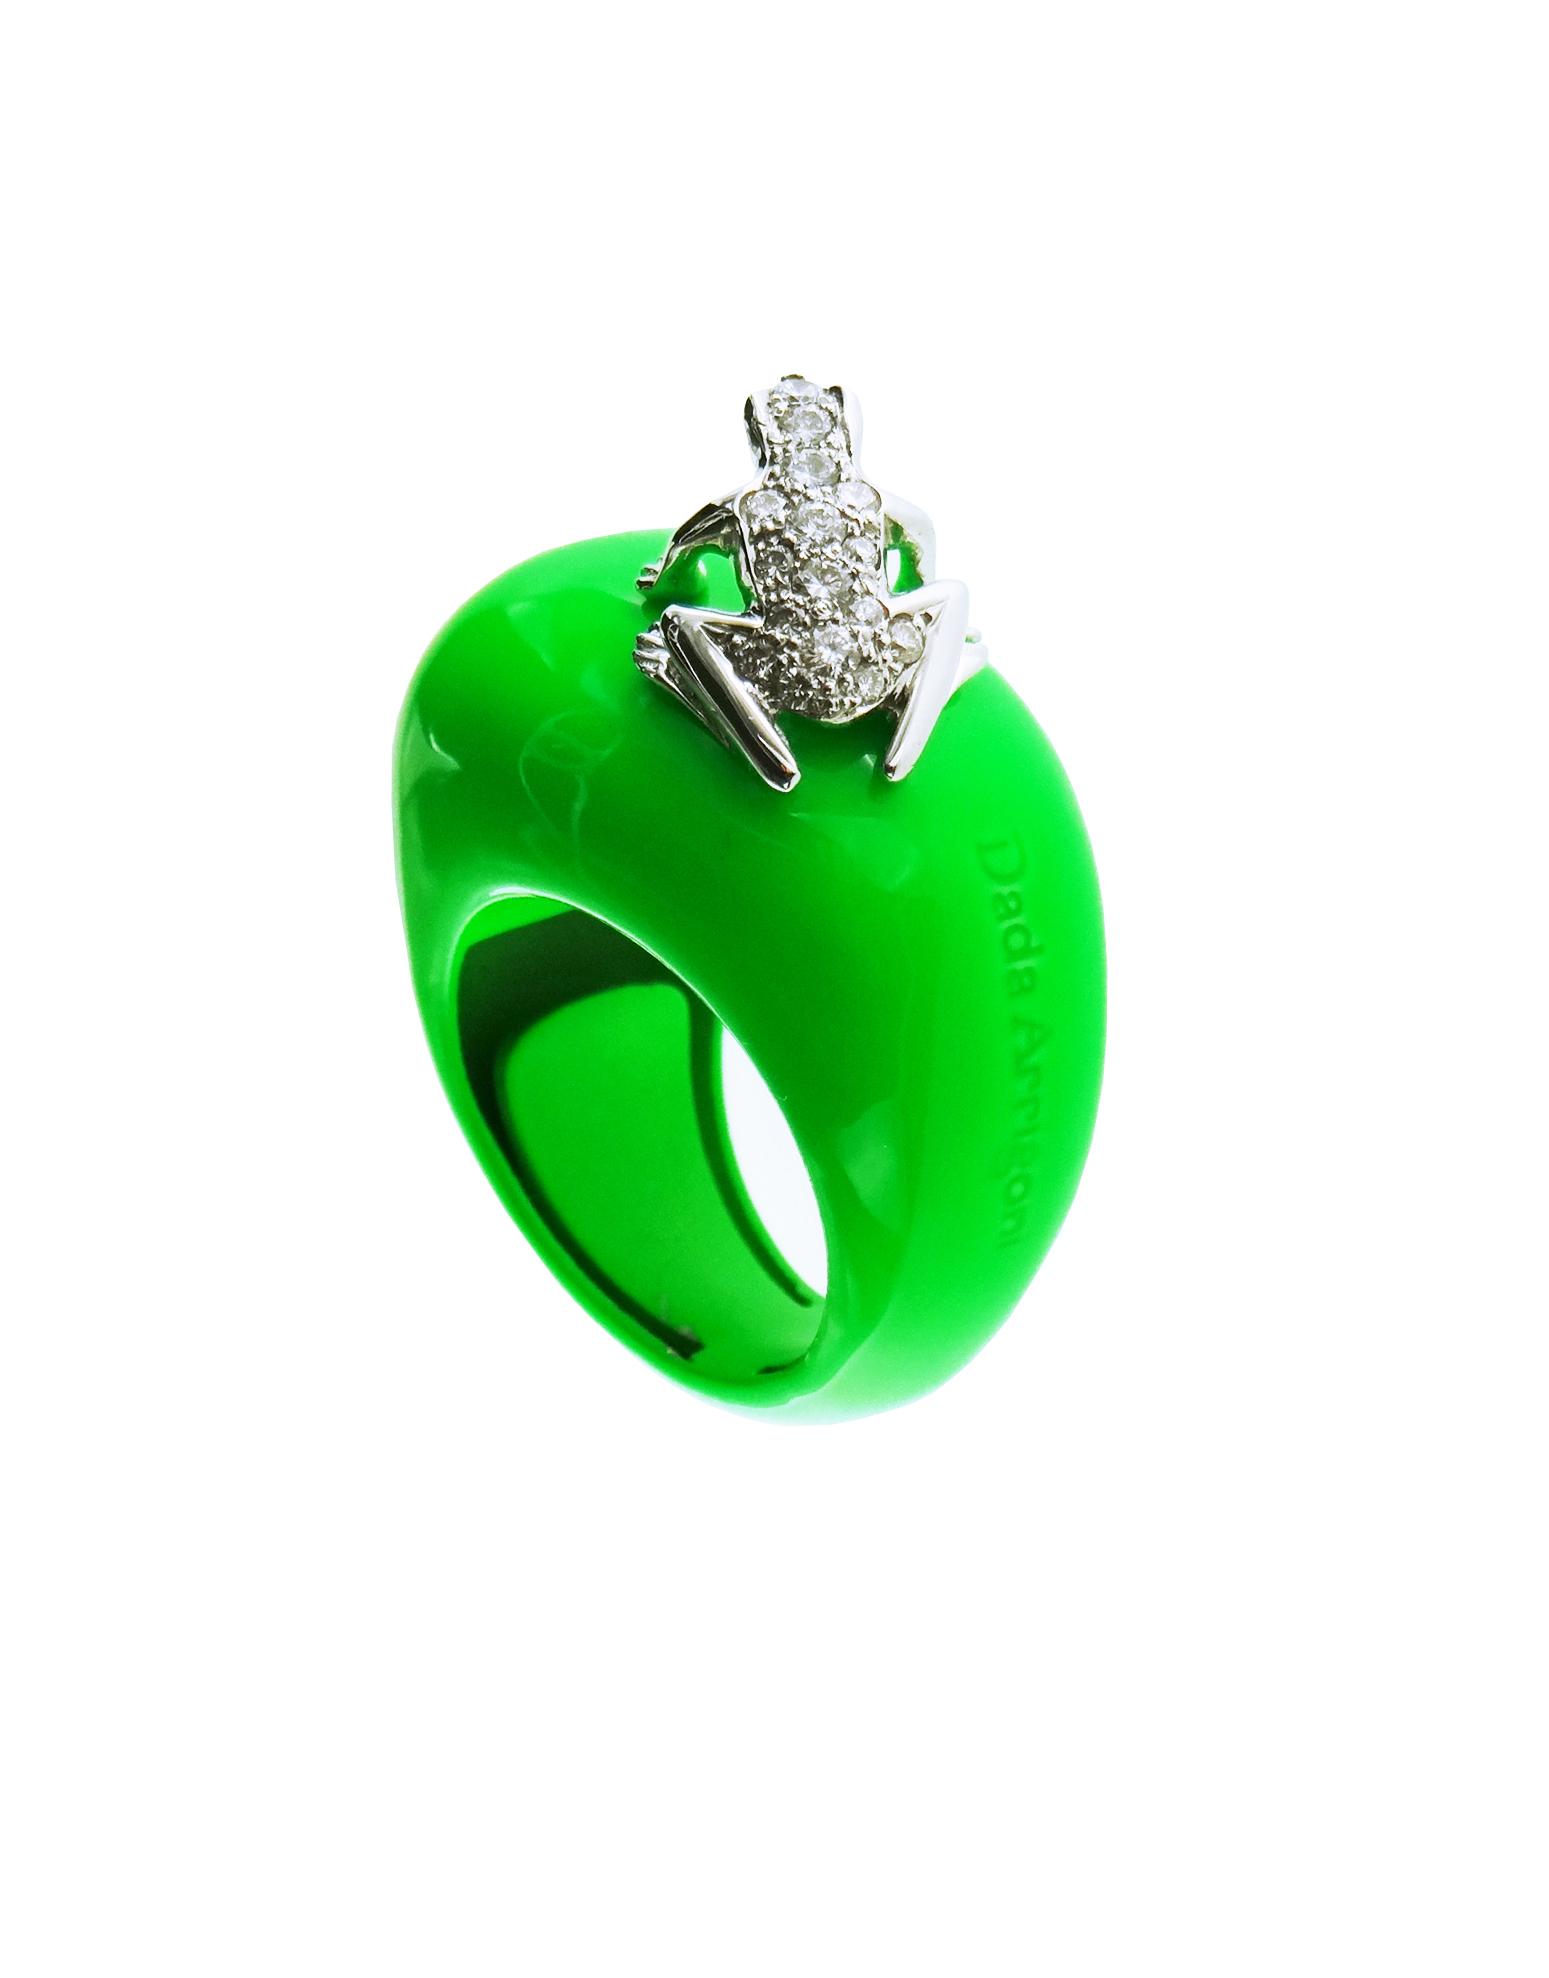 Anello in cataforesi Fluo verde, oro bianco e diamanti